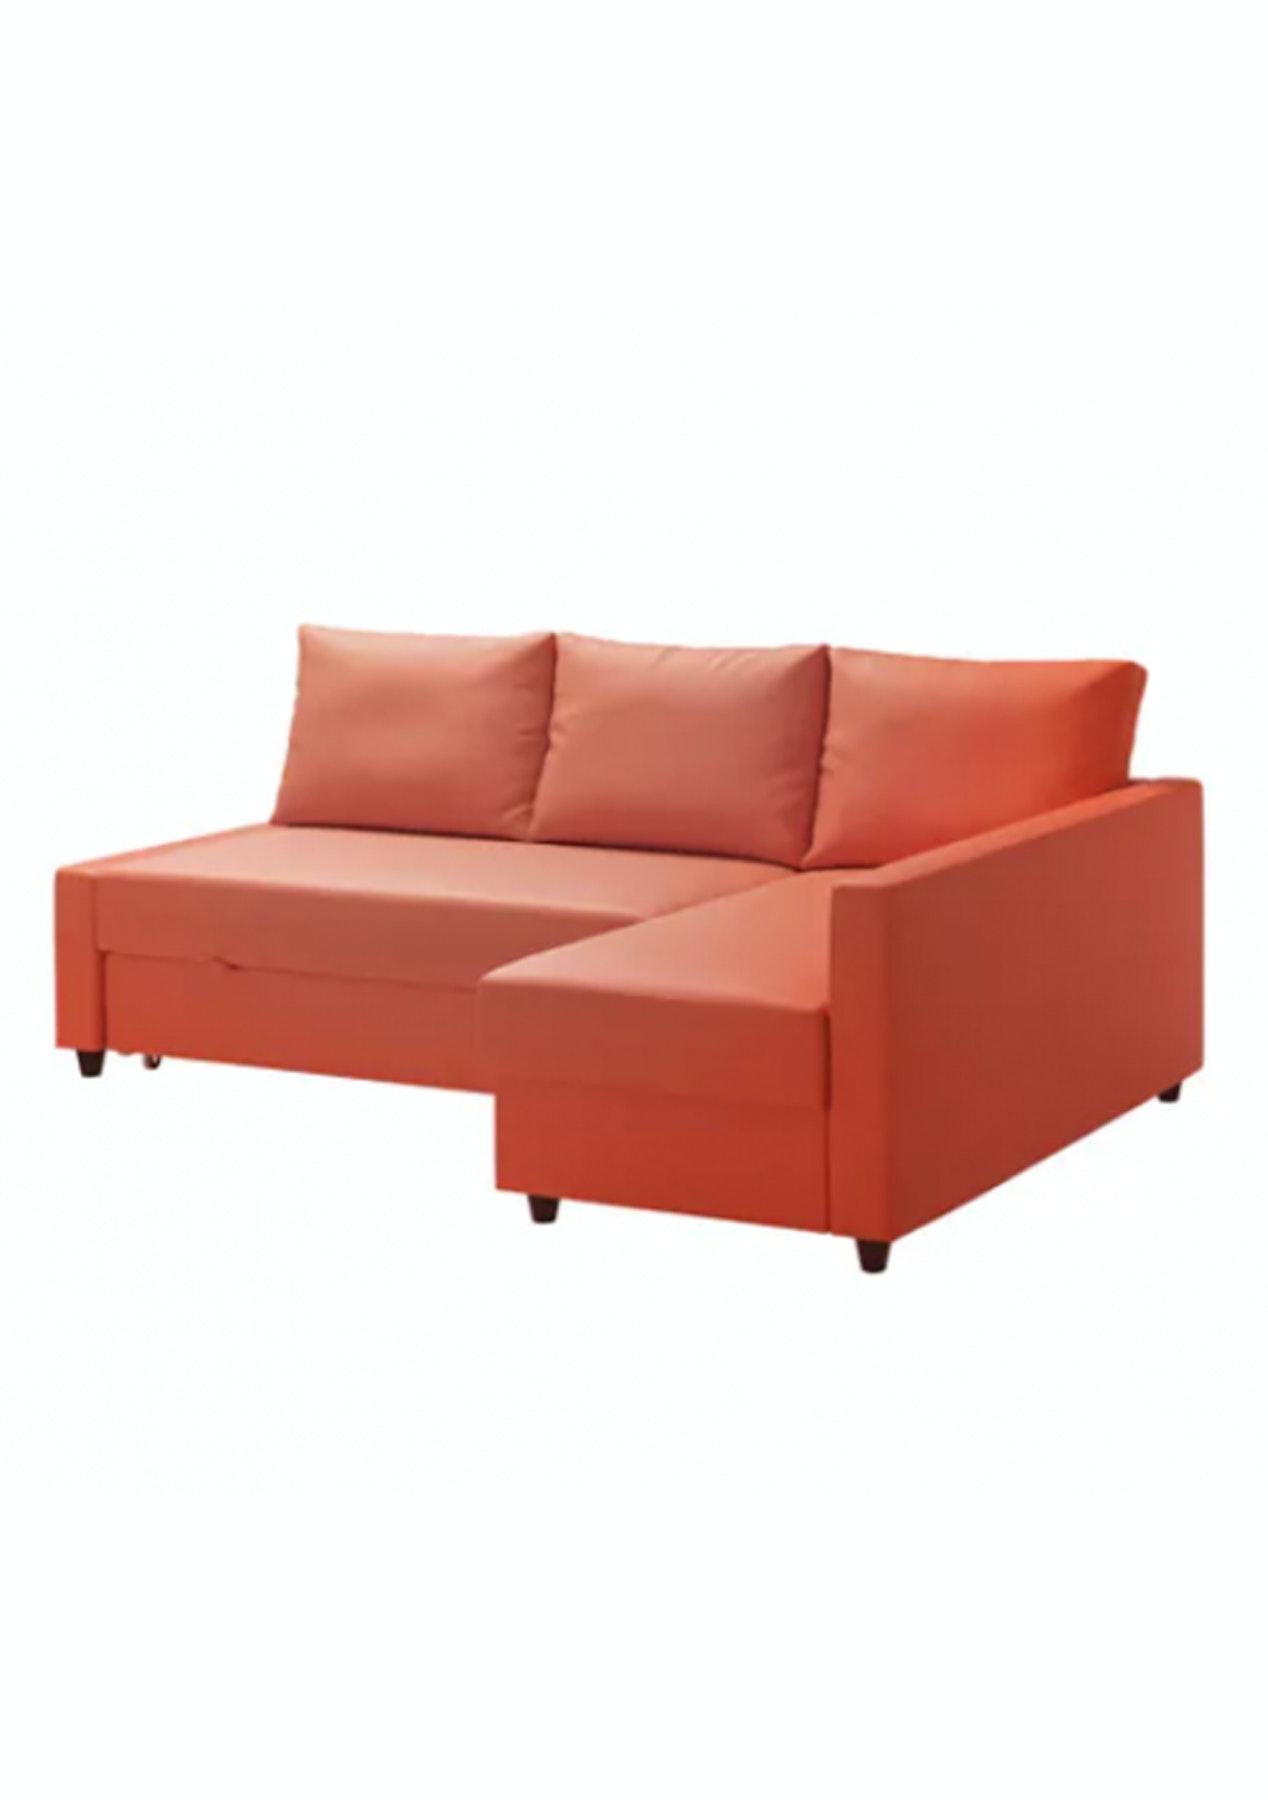 Sofa Friheten Ikea.Ikea Friheten Corner Sofa Bed With Storage Skiftebo Dark Orange